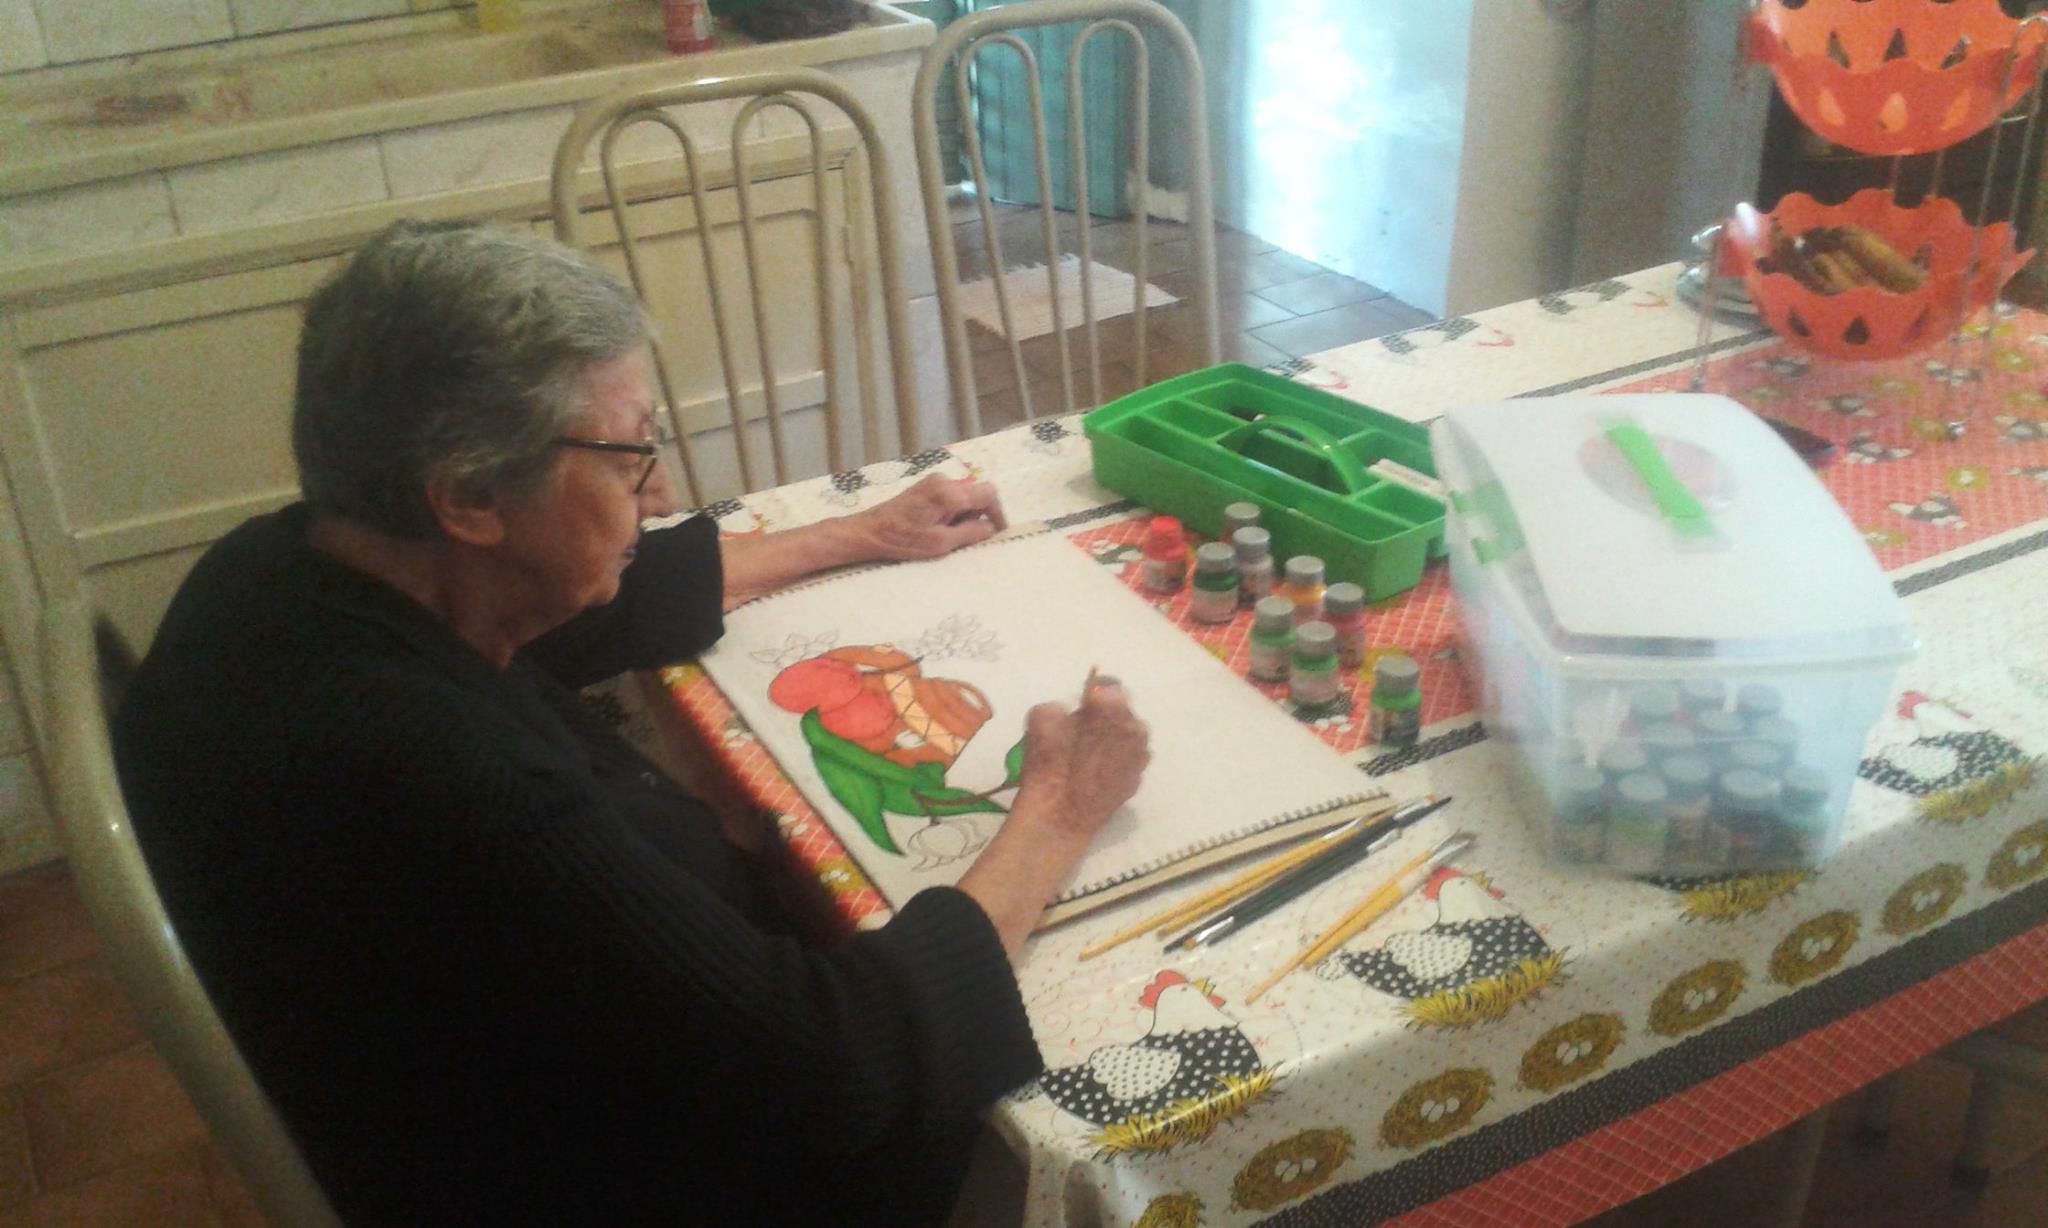 Dona Aparecida passa pelo menos três horas por dia se dedicando à pintura de panos de prato – trabalho manual ajudou na recuperação da coordenação motora e da autoestima